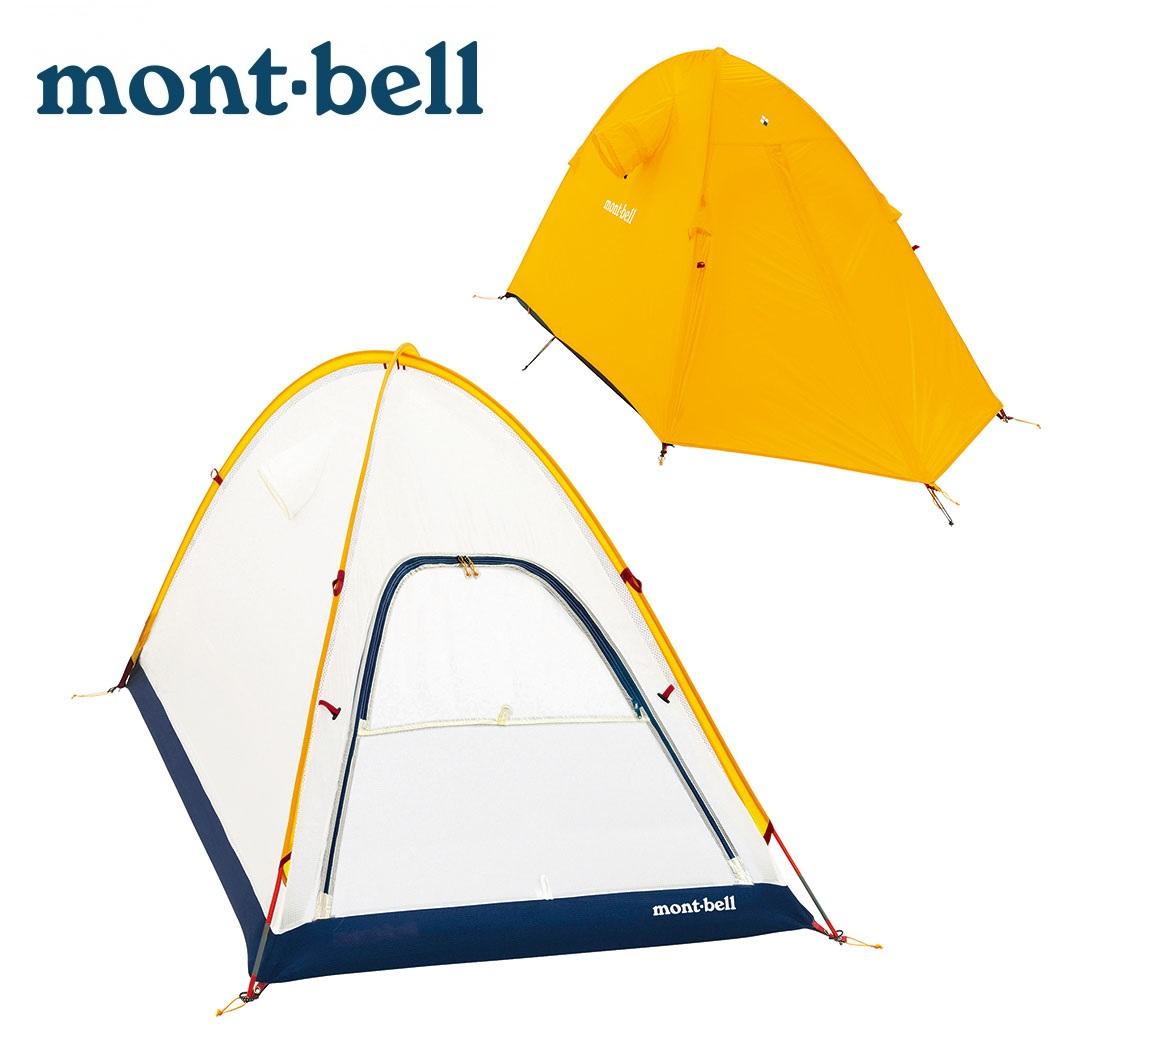 mont-bell (モンベル) 1122475 ステラリッジテント1型 /1人用/キャンプ/アウトドア/mcsts